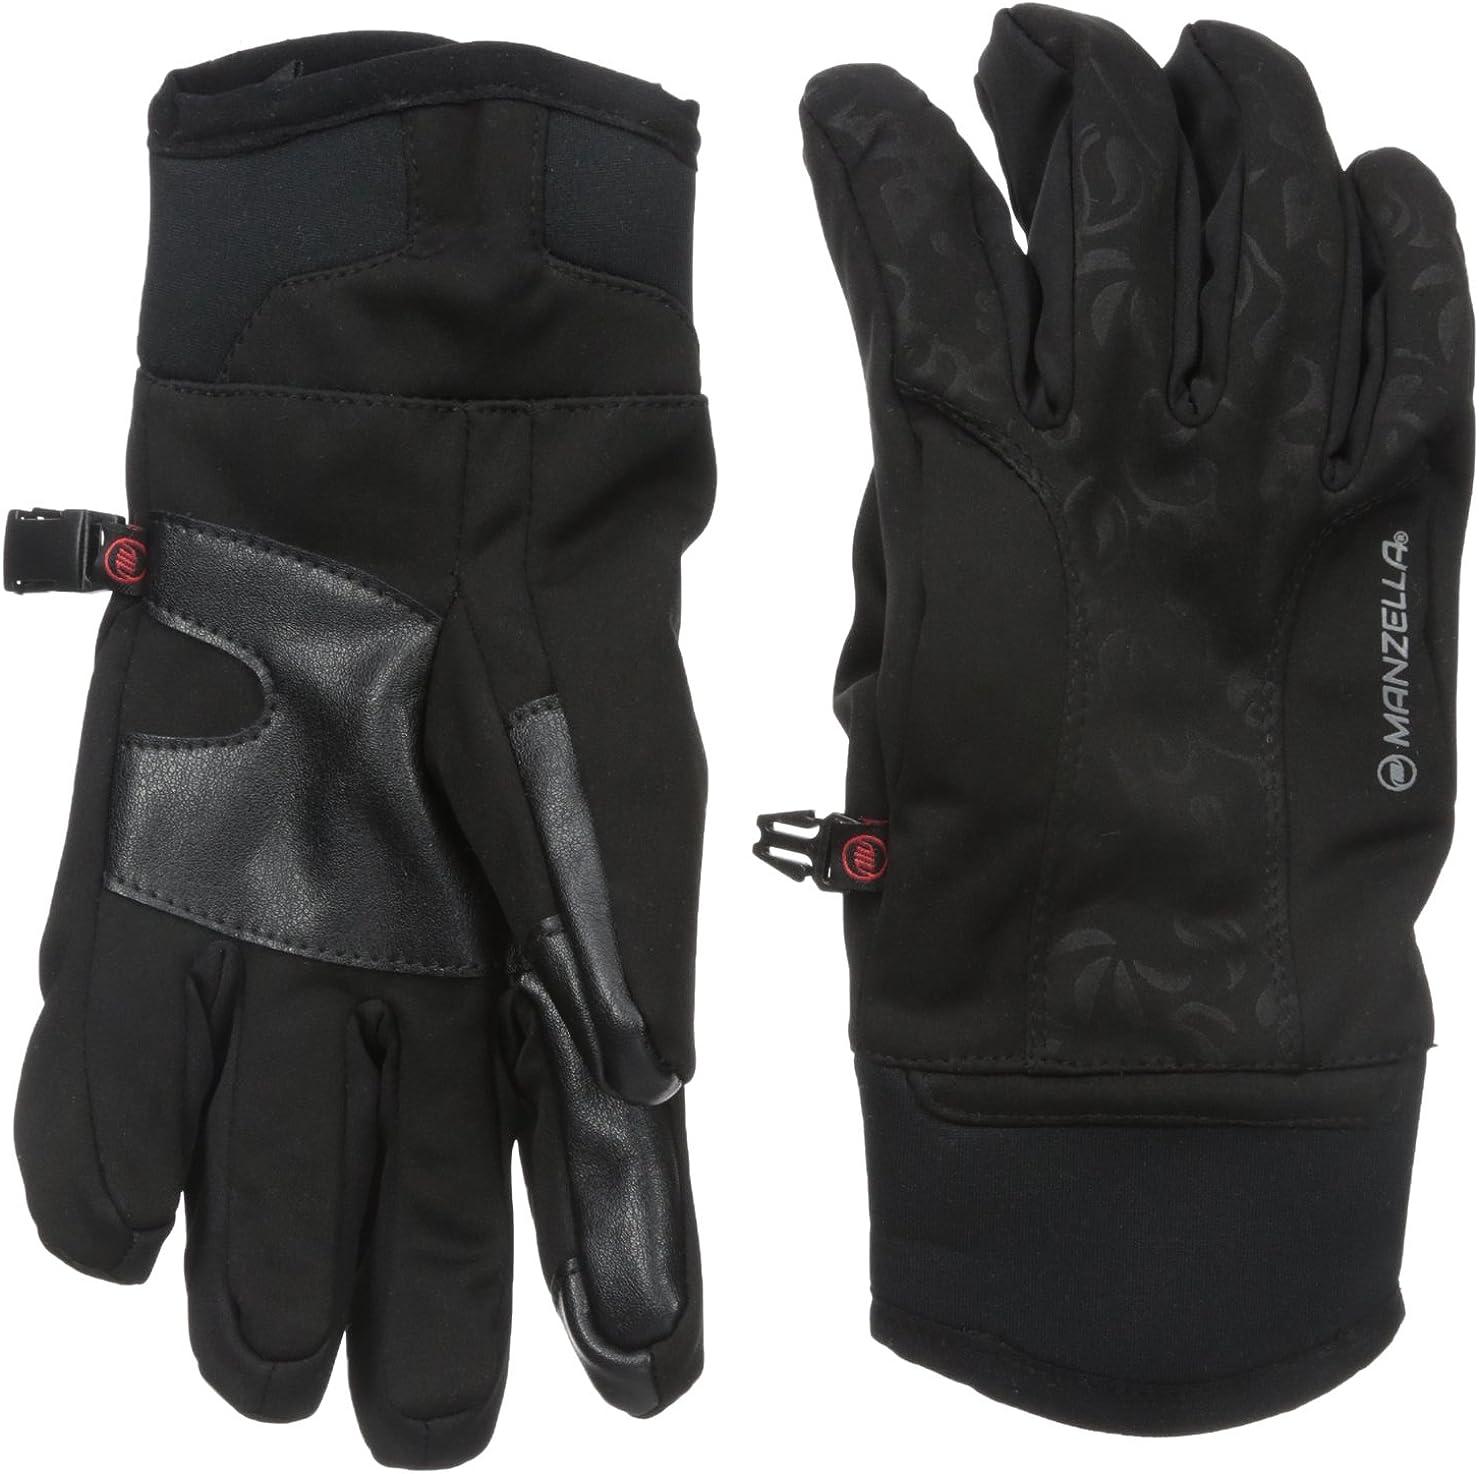 Manzella Women's Get Intense Touch Tip Glove